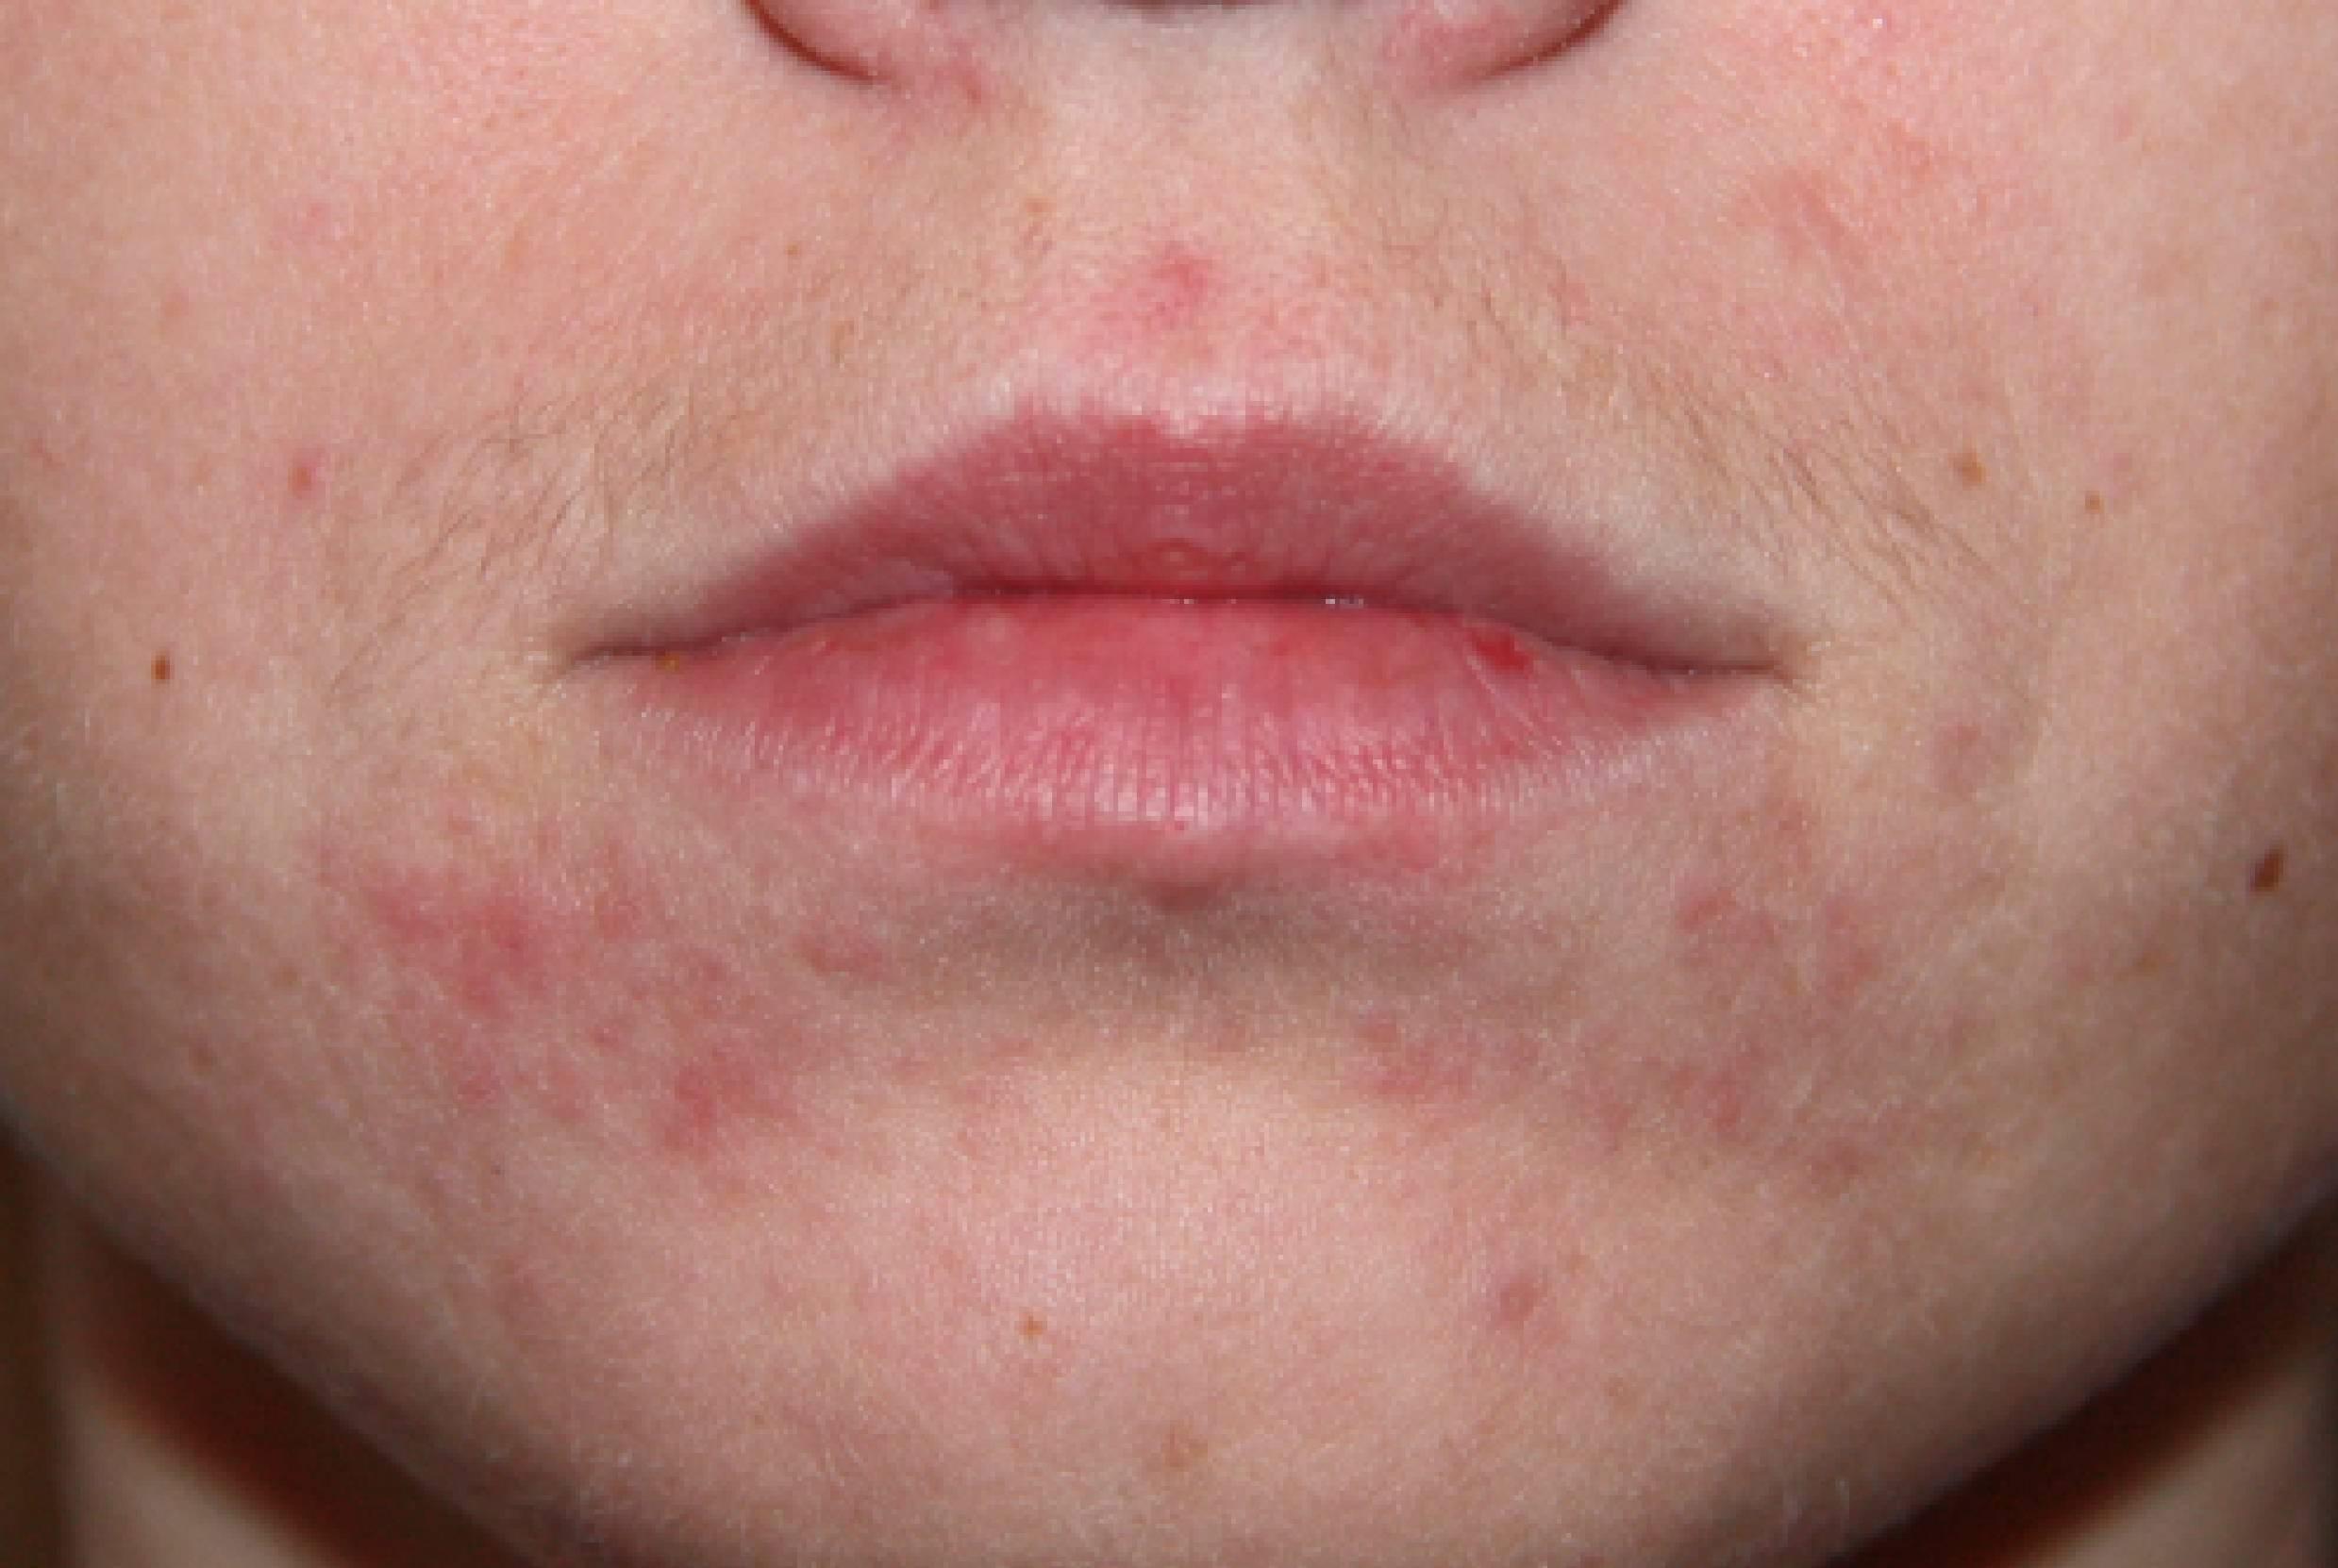 Покраснение и сыпь вокруг рта у ребенка - причины, как лечить аллергию